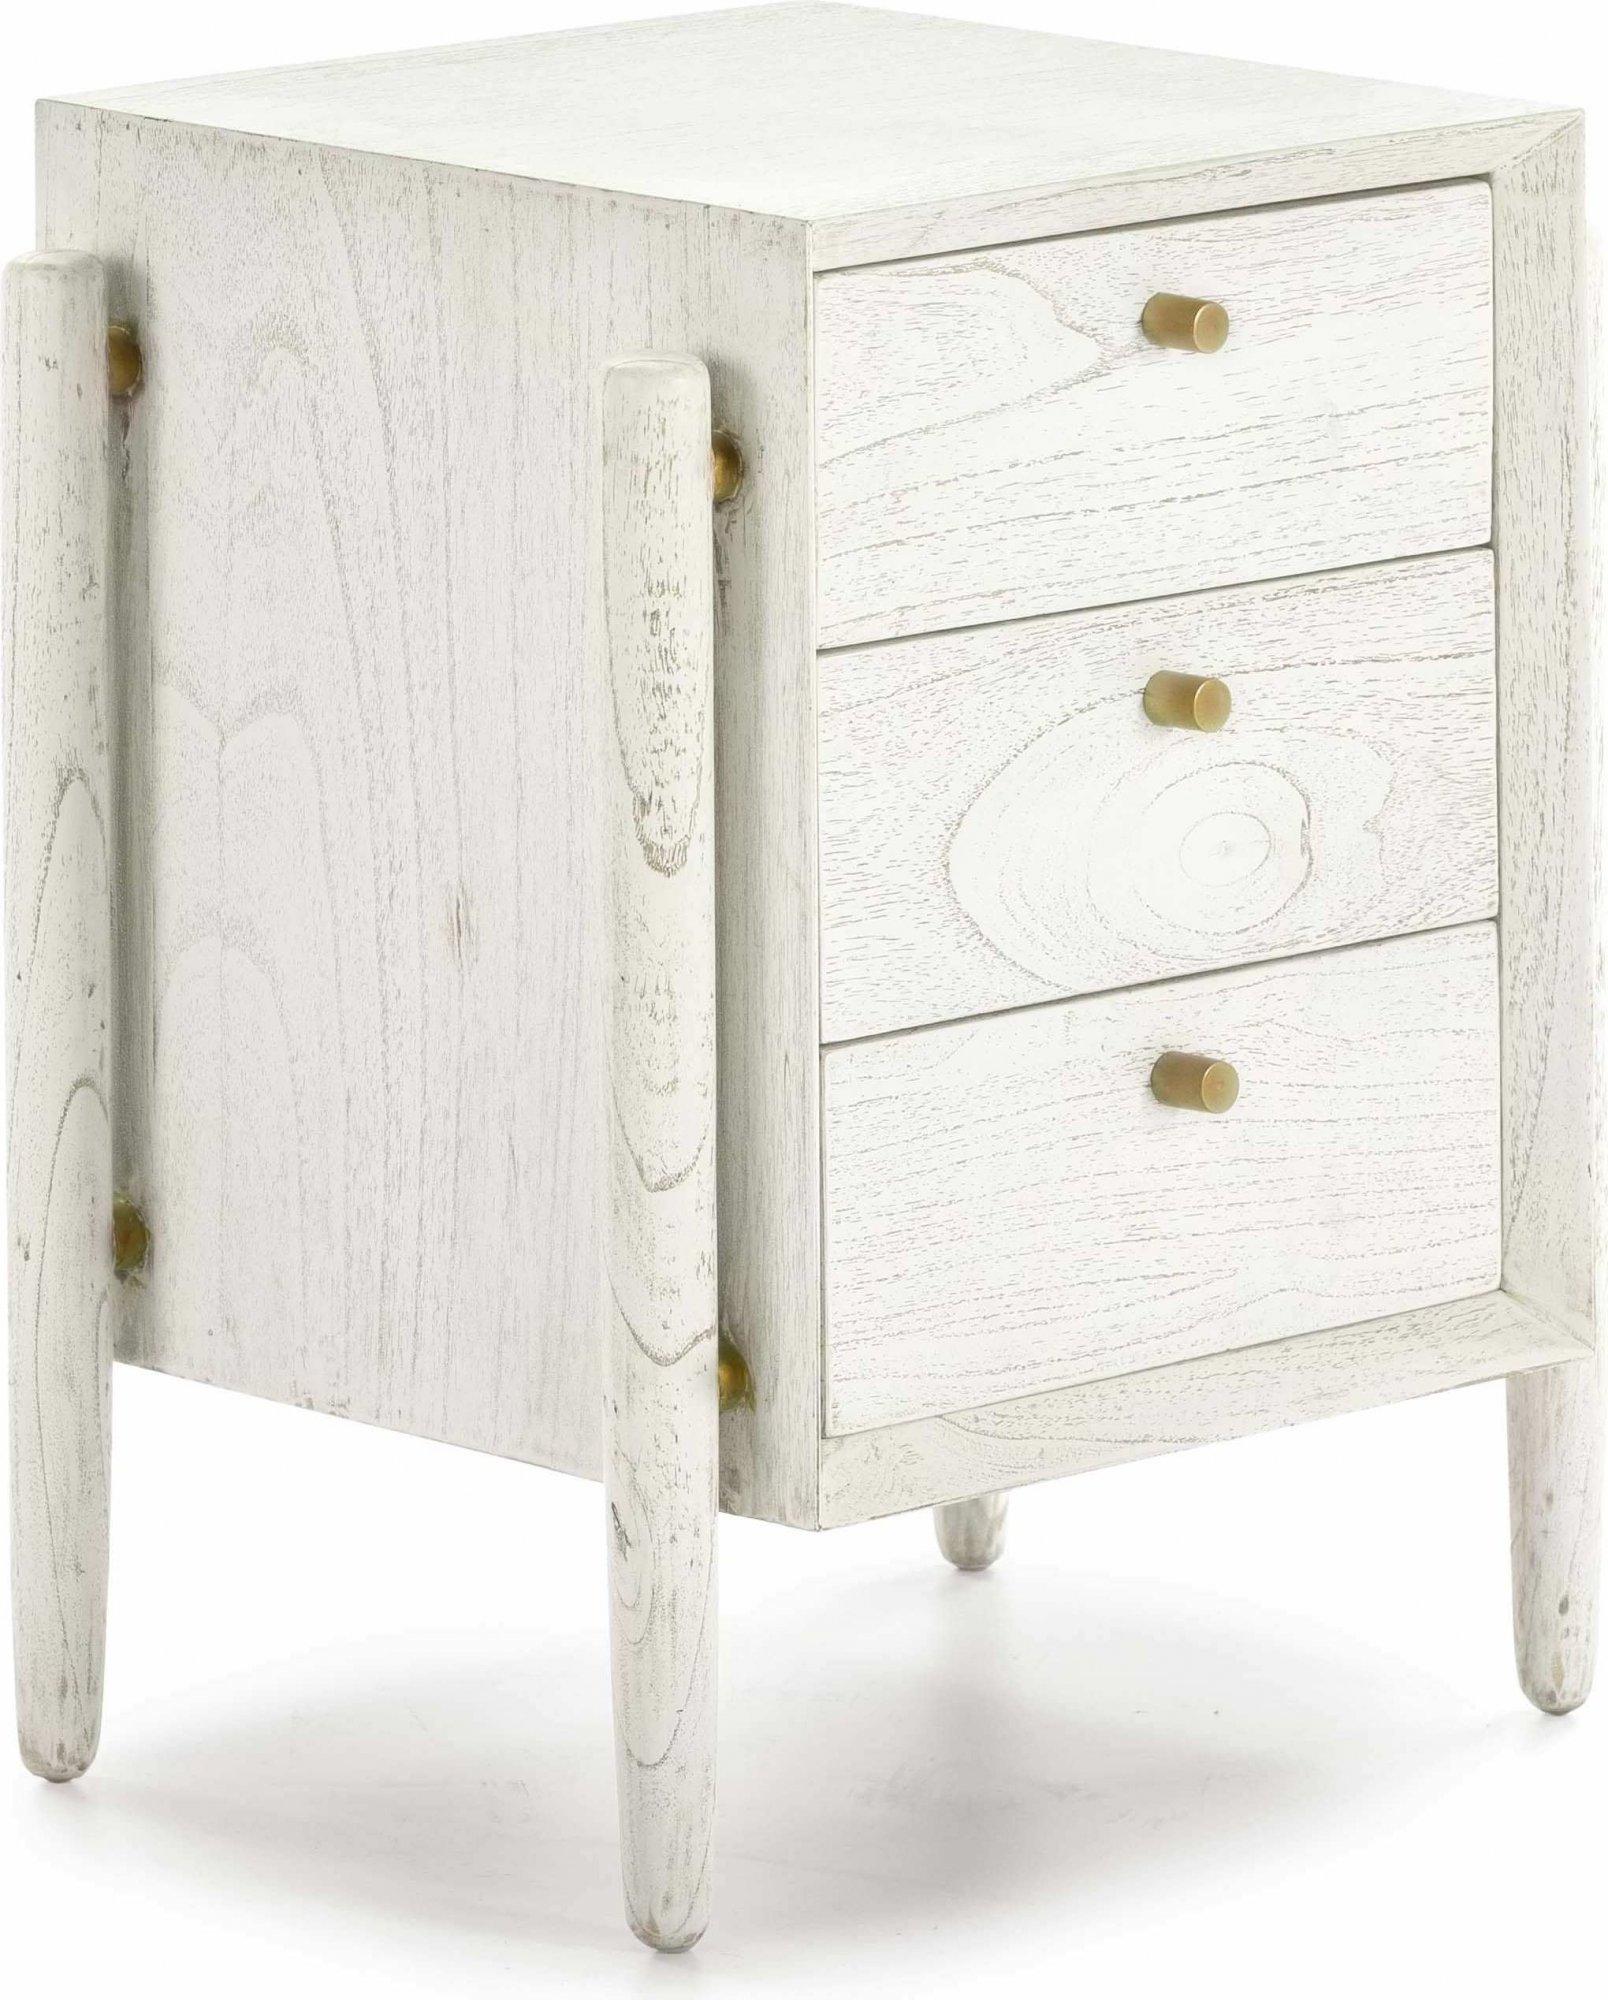 Table de chevet 3 tiroirs en bois teinté blanc et doré